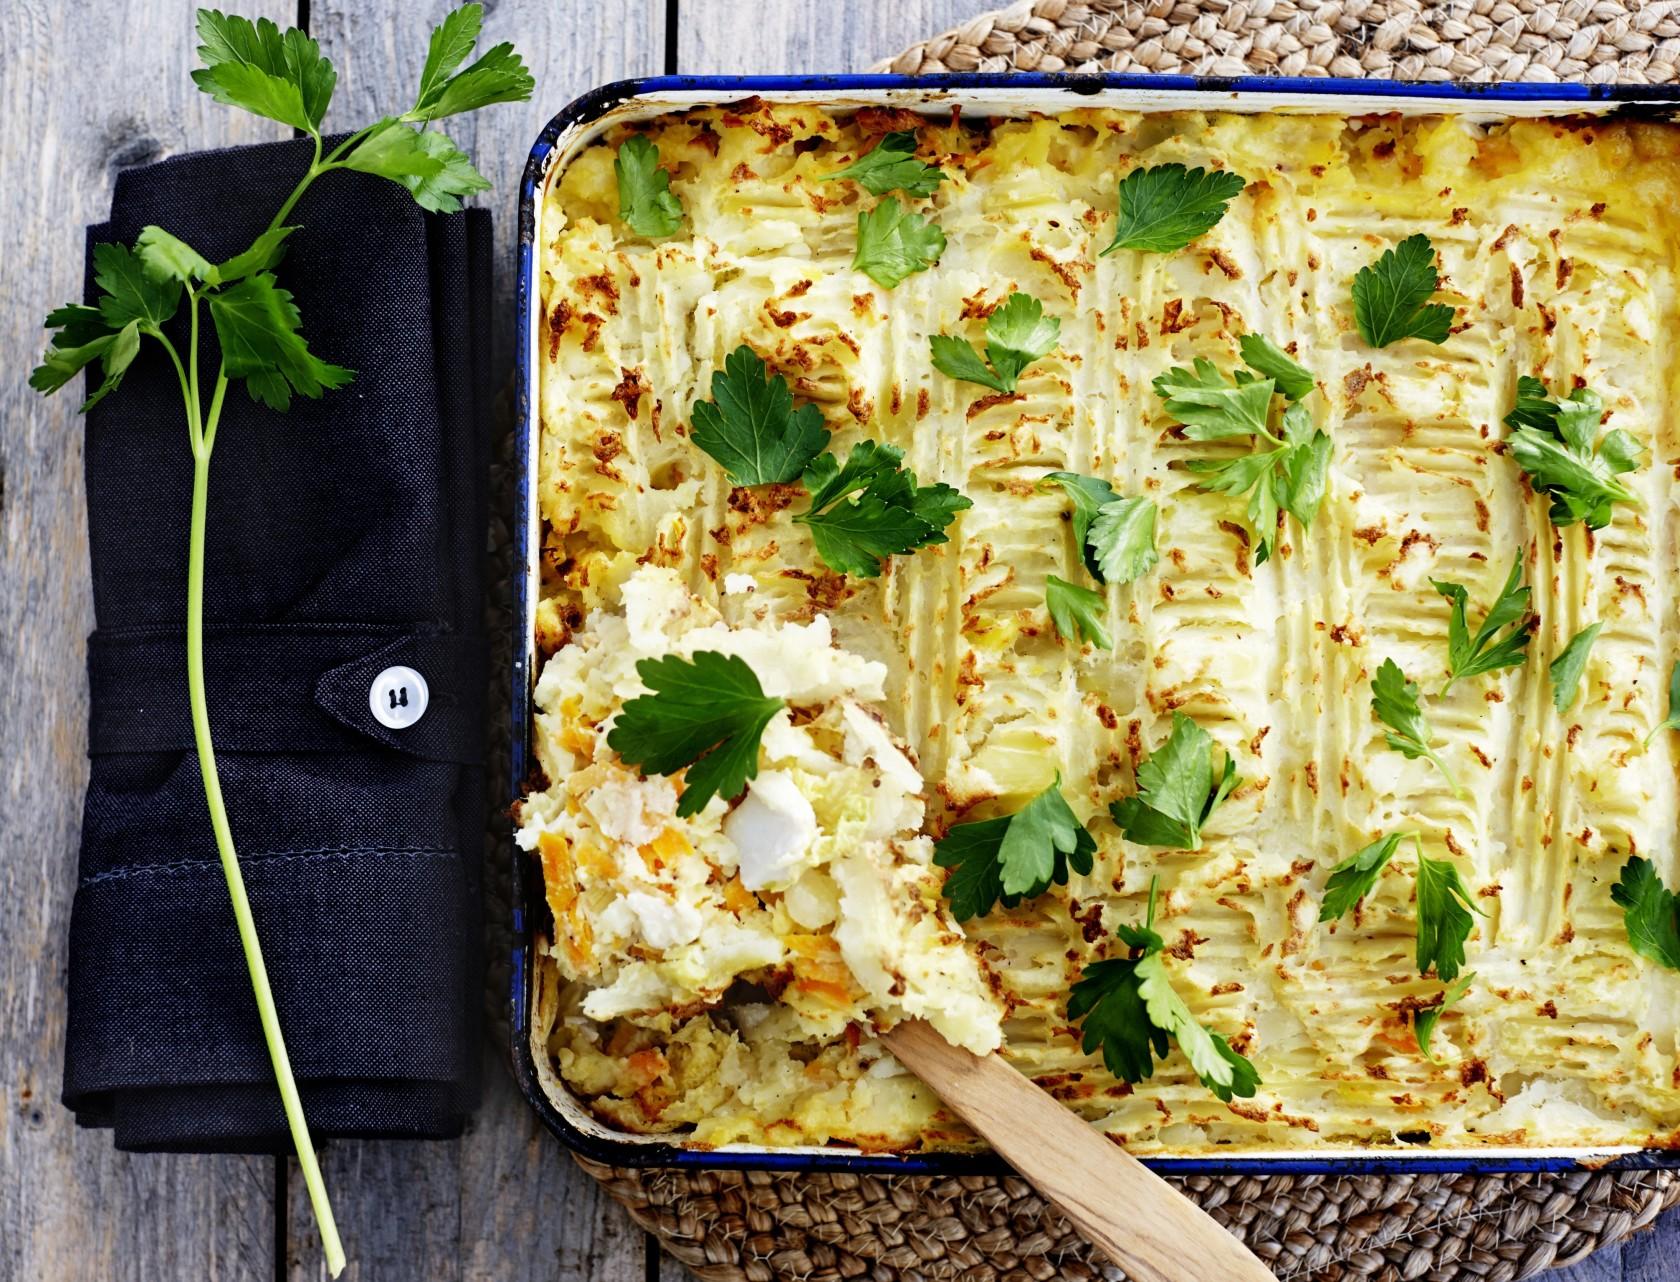 Fiskepie med kål og kartoffelmos - nem og lækker opskrift!